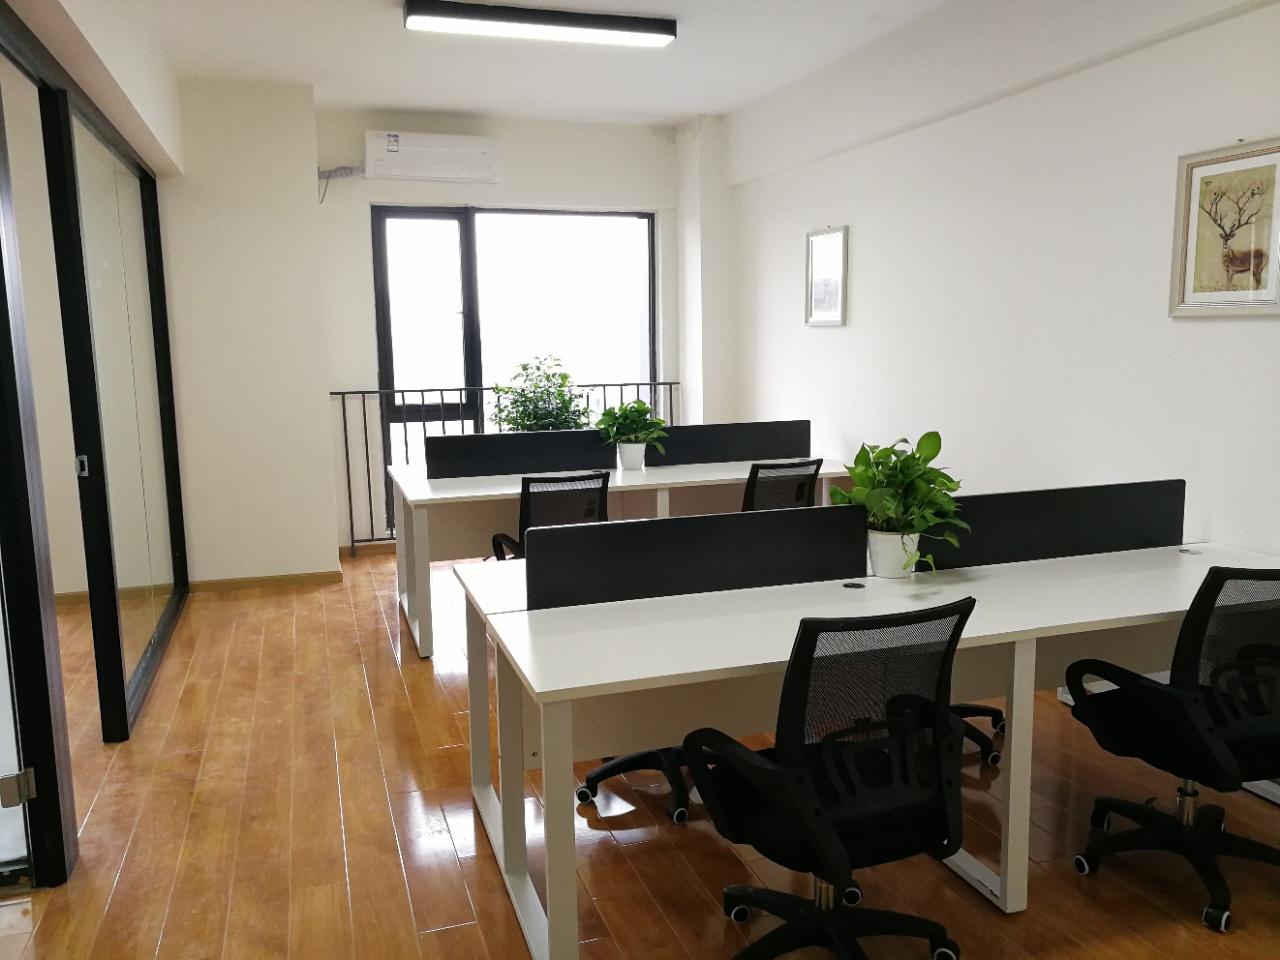 蓝润ISC丨87平米地铁口精装房!无空调加时费!初创企业的最佳选择!